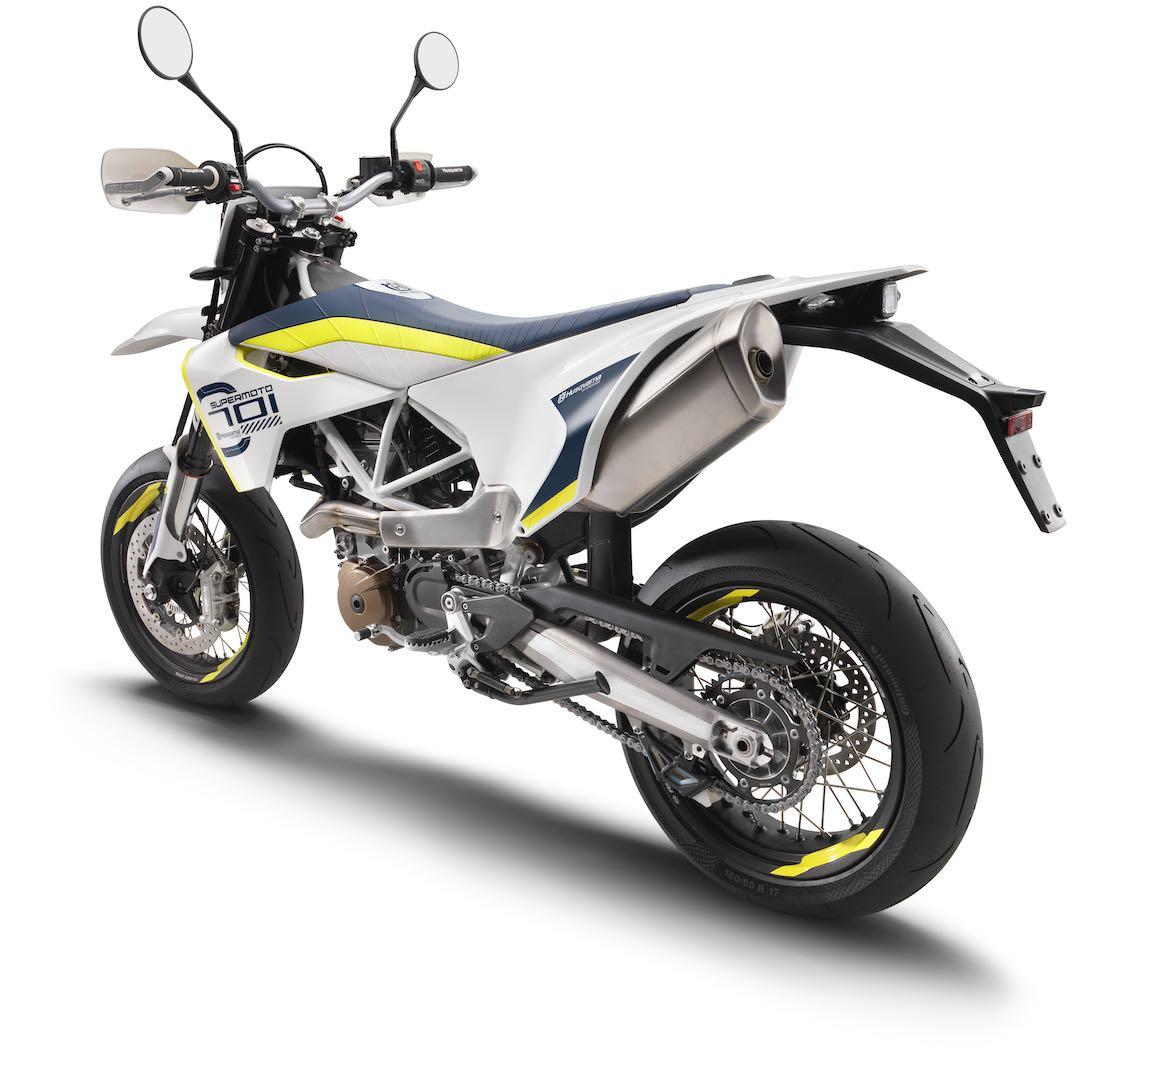 2019-husqvarna-supermoto-enduro-701-motorcycles-2 Husqvarna prezinta 701 Supermoto si 701 Enduro